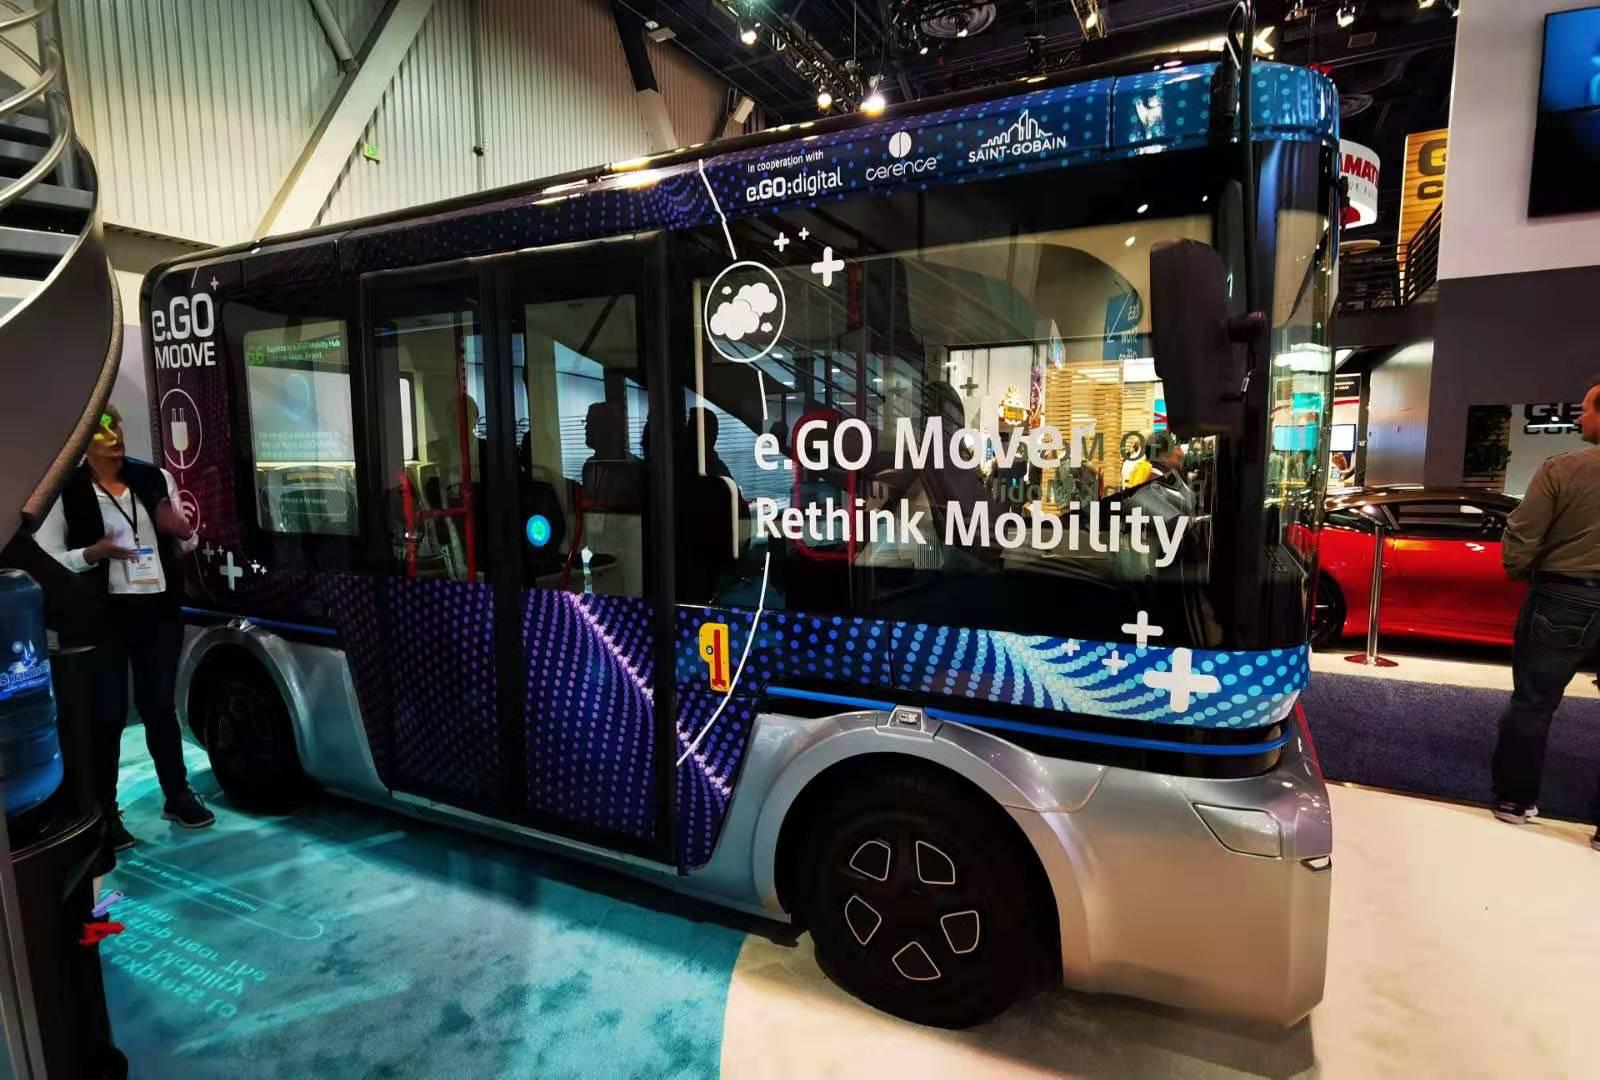 e.GO Mover自动驾驶电动巴士